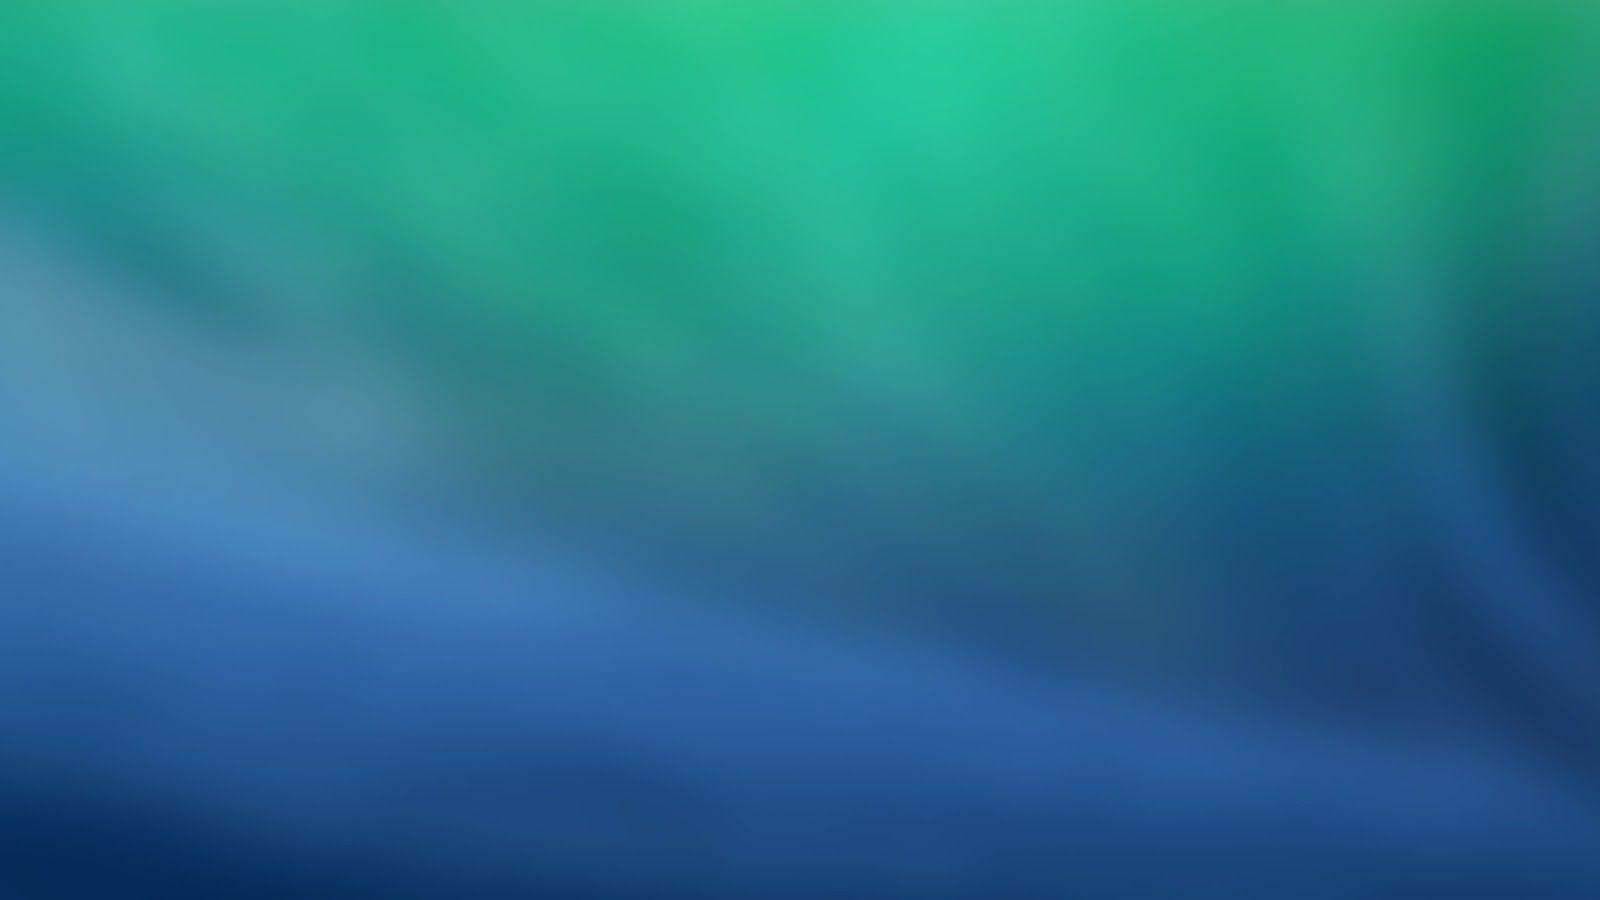 Change The Login Screen Wallpaper In Os X Mavericks intérieur Fond D'Ecran Hd Themes Elie S Book